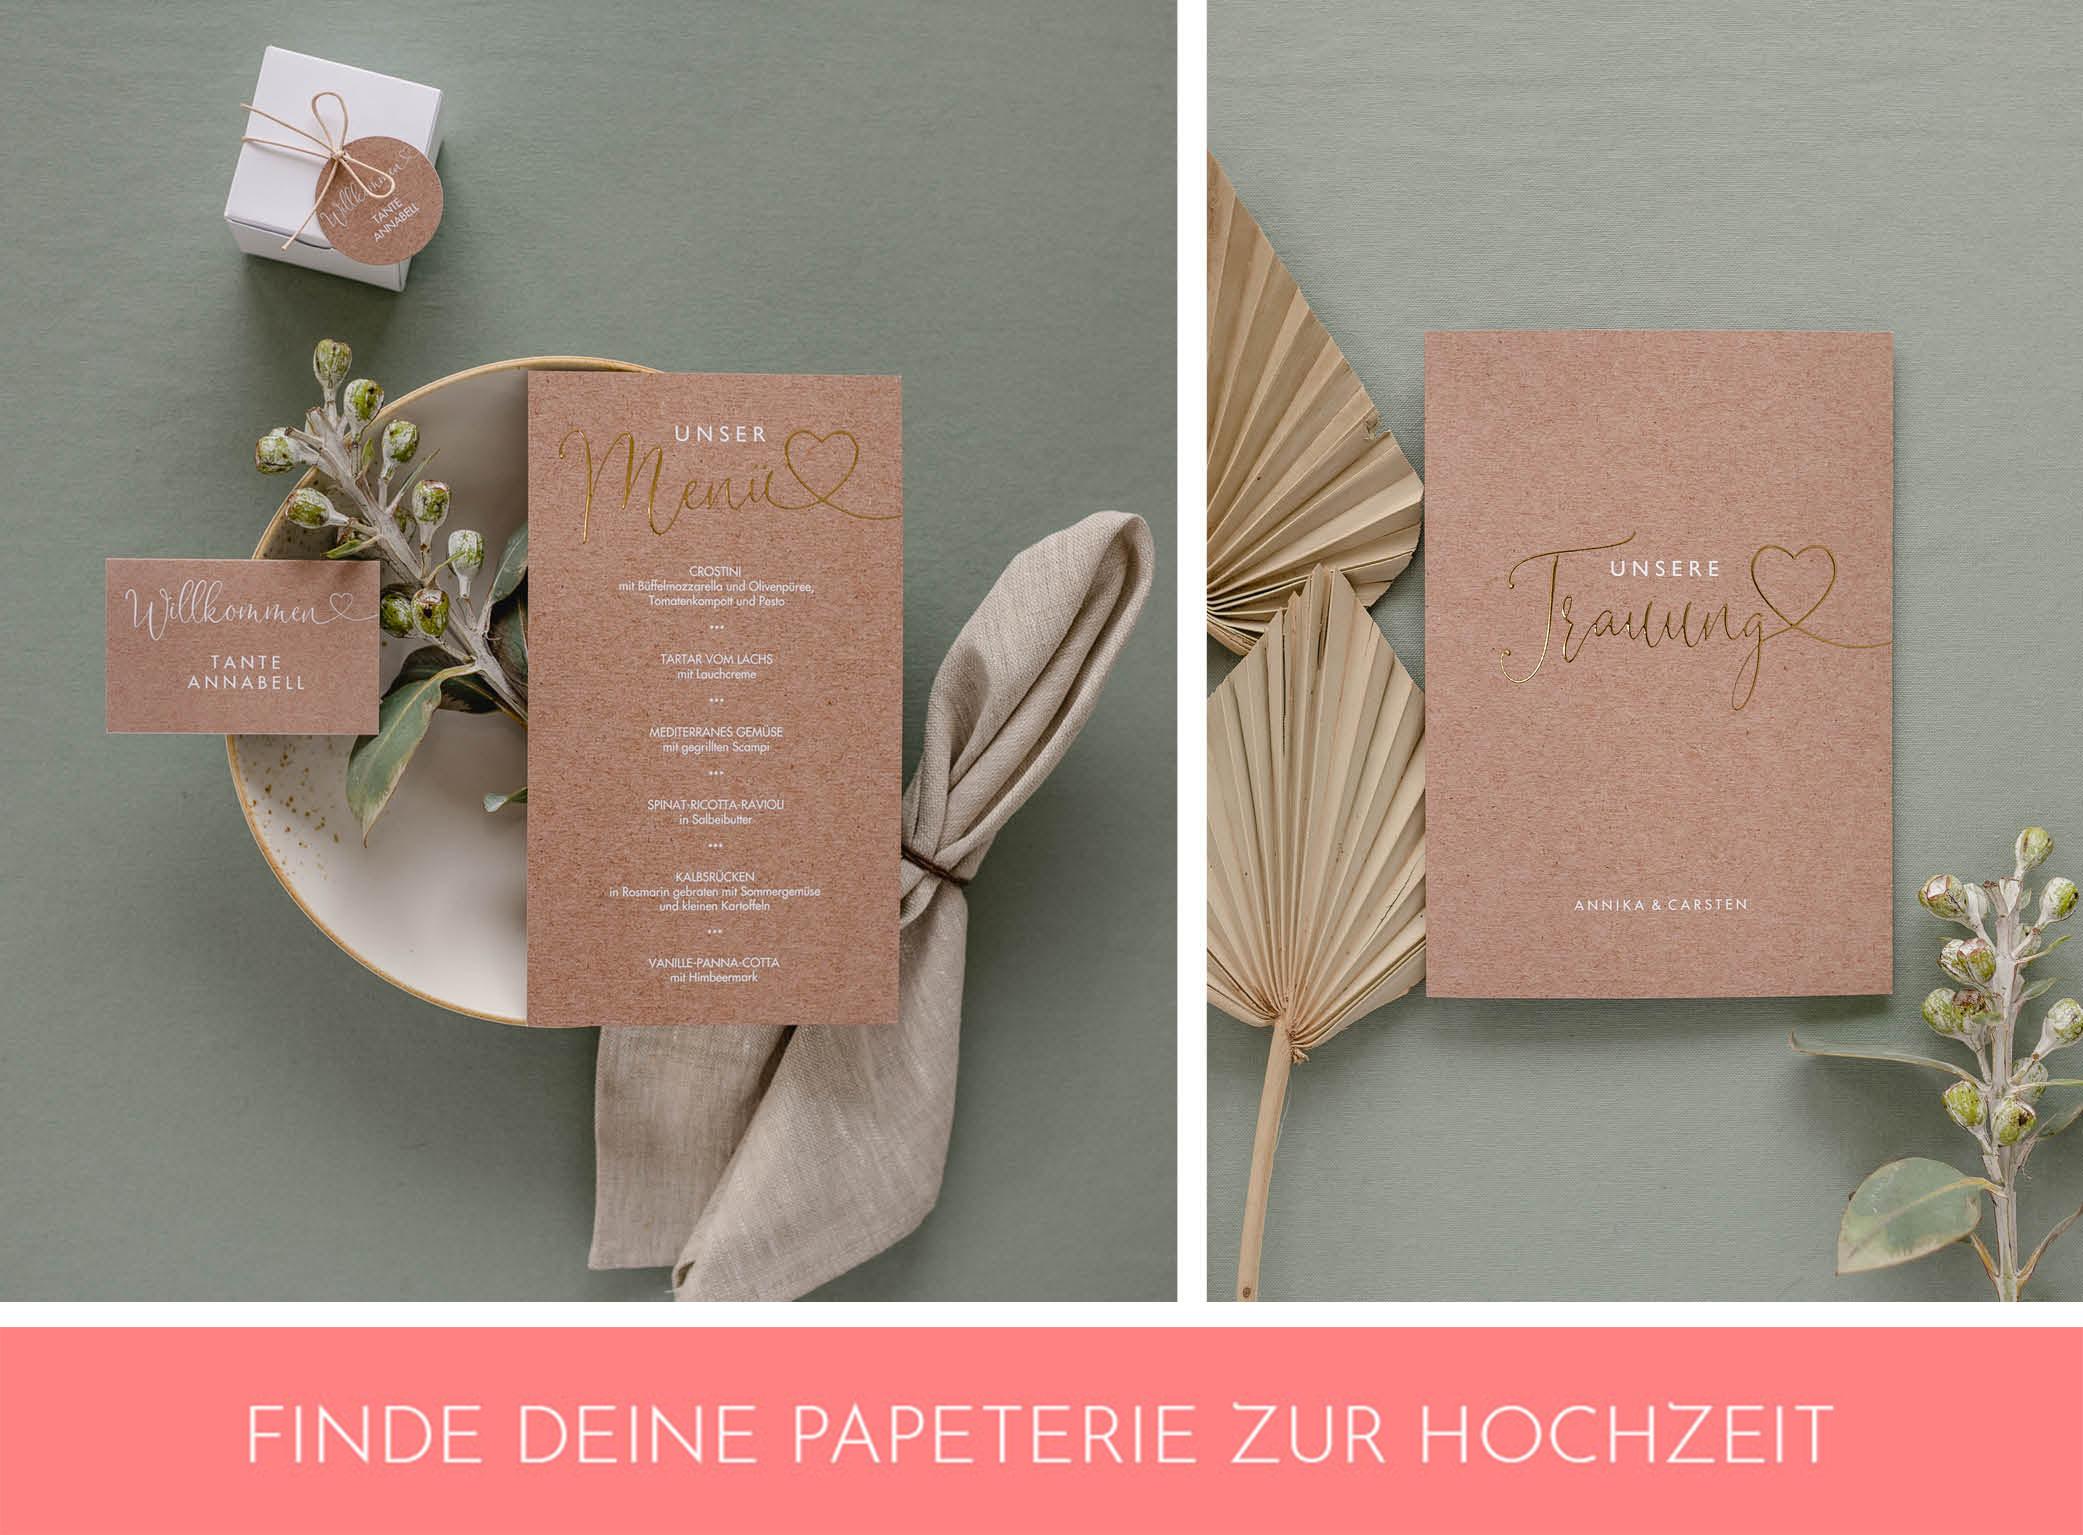 Papeterie zur Herbsthochzeit im Kraftpapier-Look